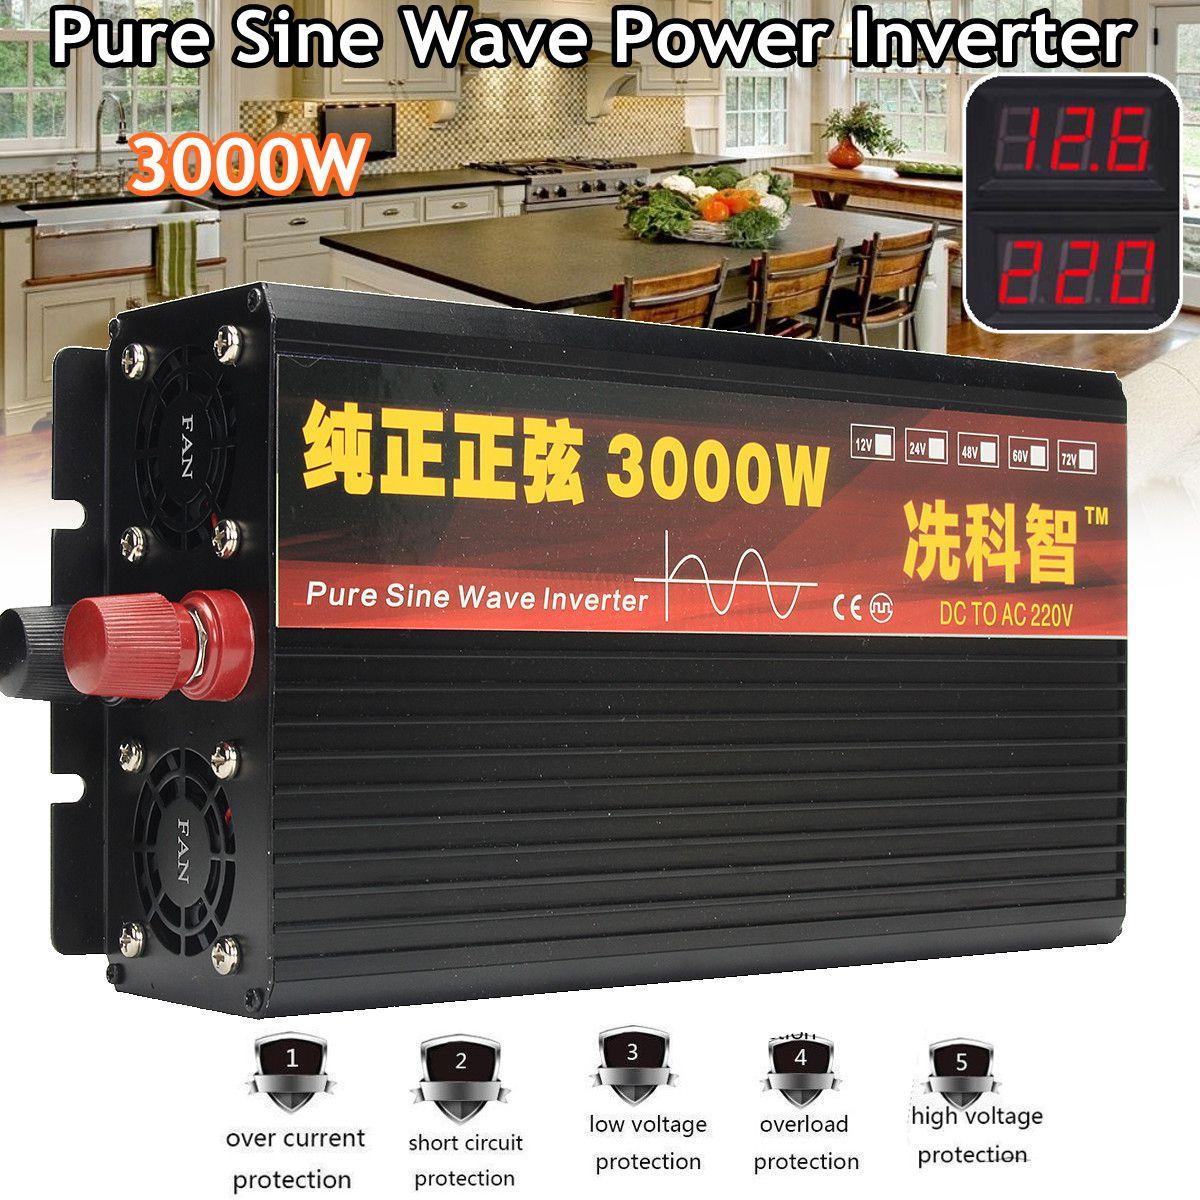 Inverter 12V/24V 220V 2000/3000/4000W Voltage transformer Pure Sine Wave Power Inverter DC12V to AC 220V Converter+2 LED DisplayInverter 12V/24V 220V 2000/3000/4000W Voltage transformer Pure Sine Wave Power Inverter DC12V to AC 220V Converter+2 LED Display